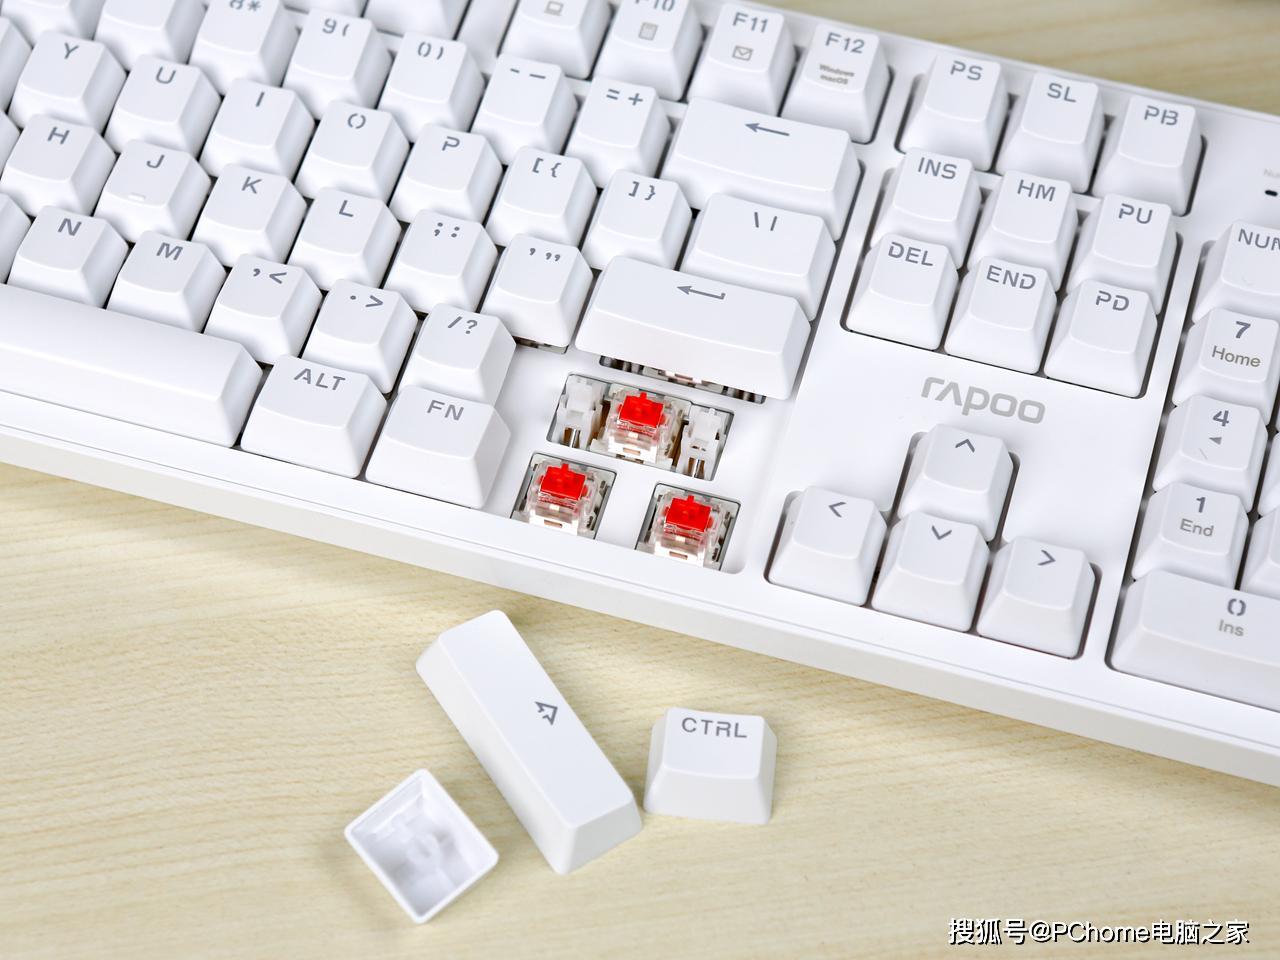 赵本山电视剧大兵_纯白无暇 办公百搭 雷柏MT710背光机械键盘体验 公司ri有趣的数字 ...